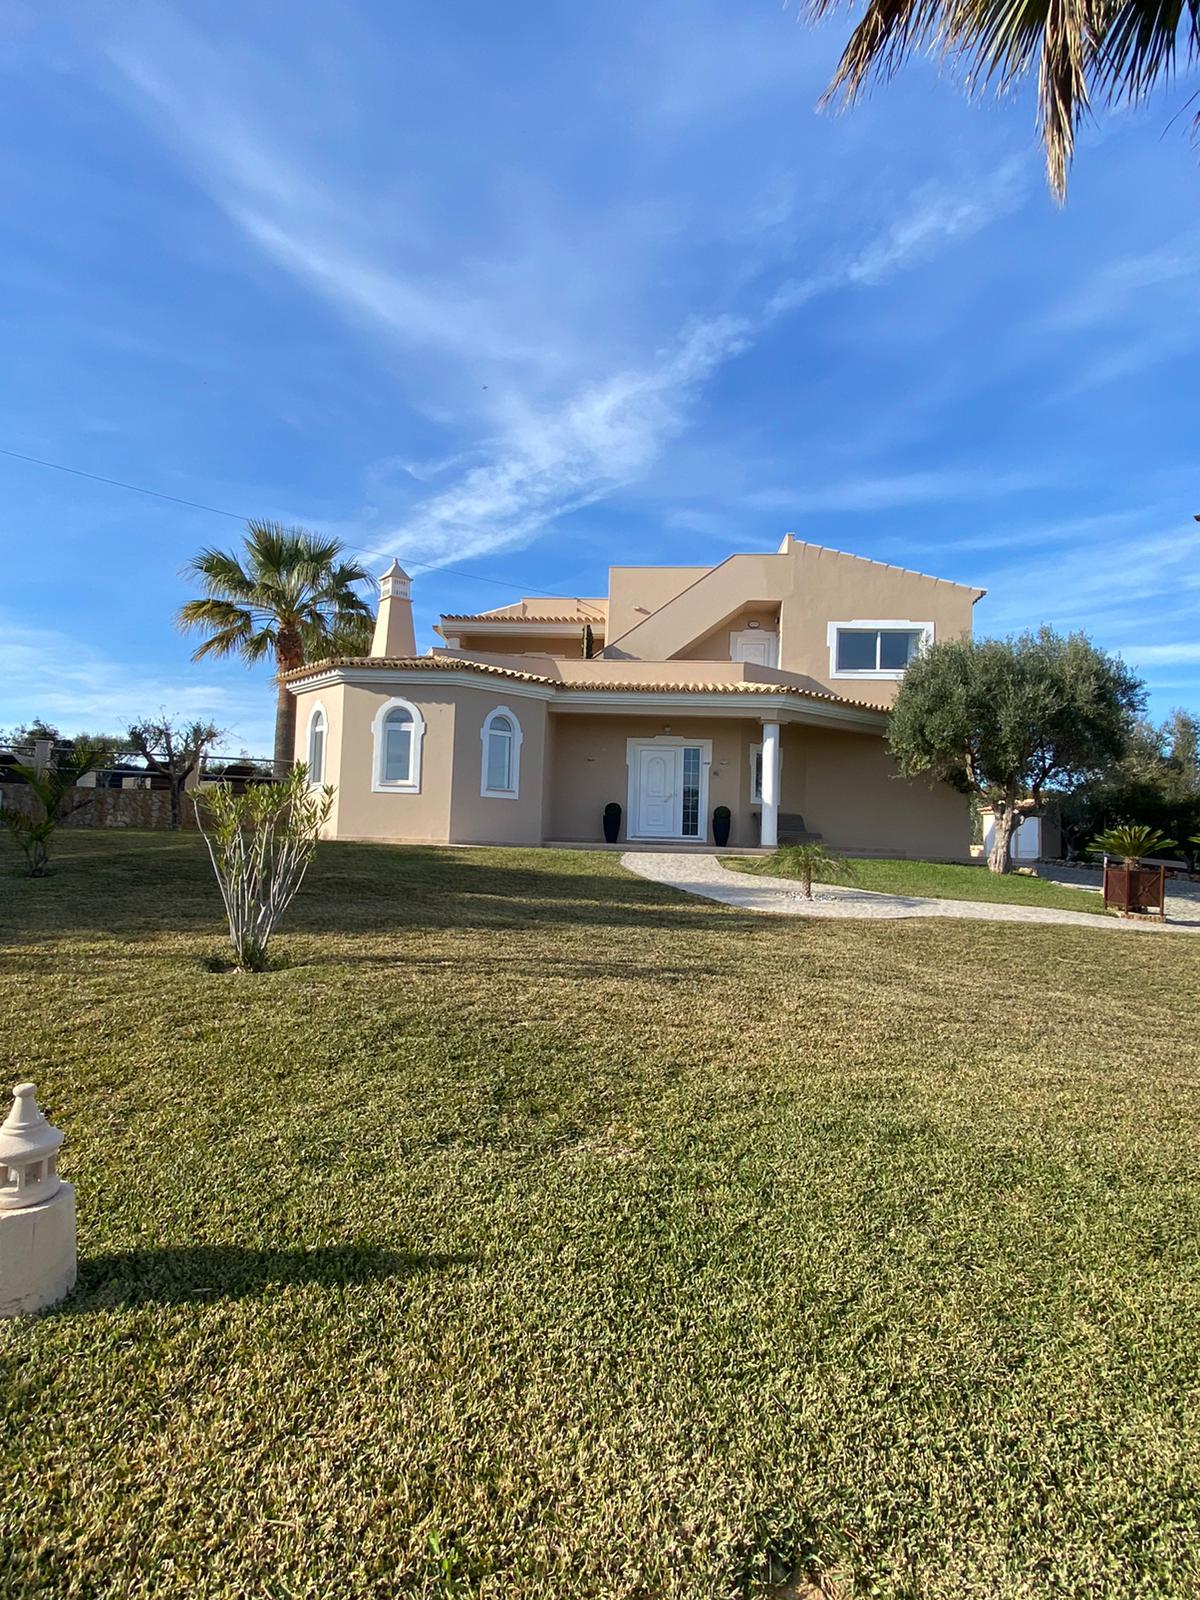 Holiday apartments and villas for rent, Villa L'Estaque , chambres d'hôtes in Armação de Pêra, Portugal Algarve, REF_IMG_15648_15664